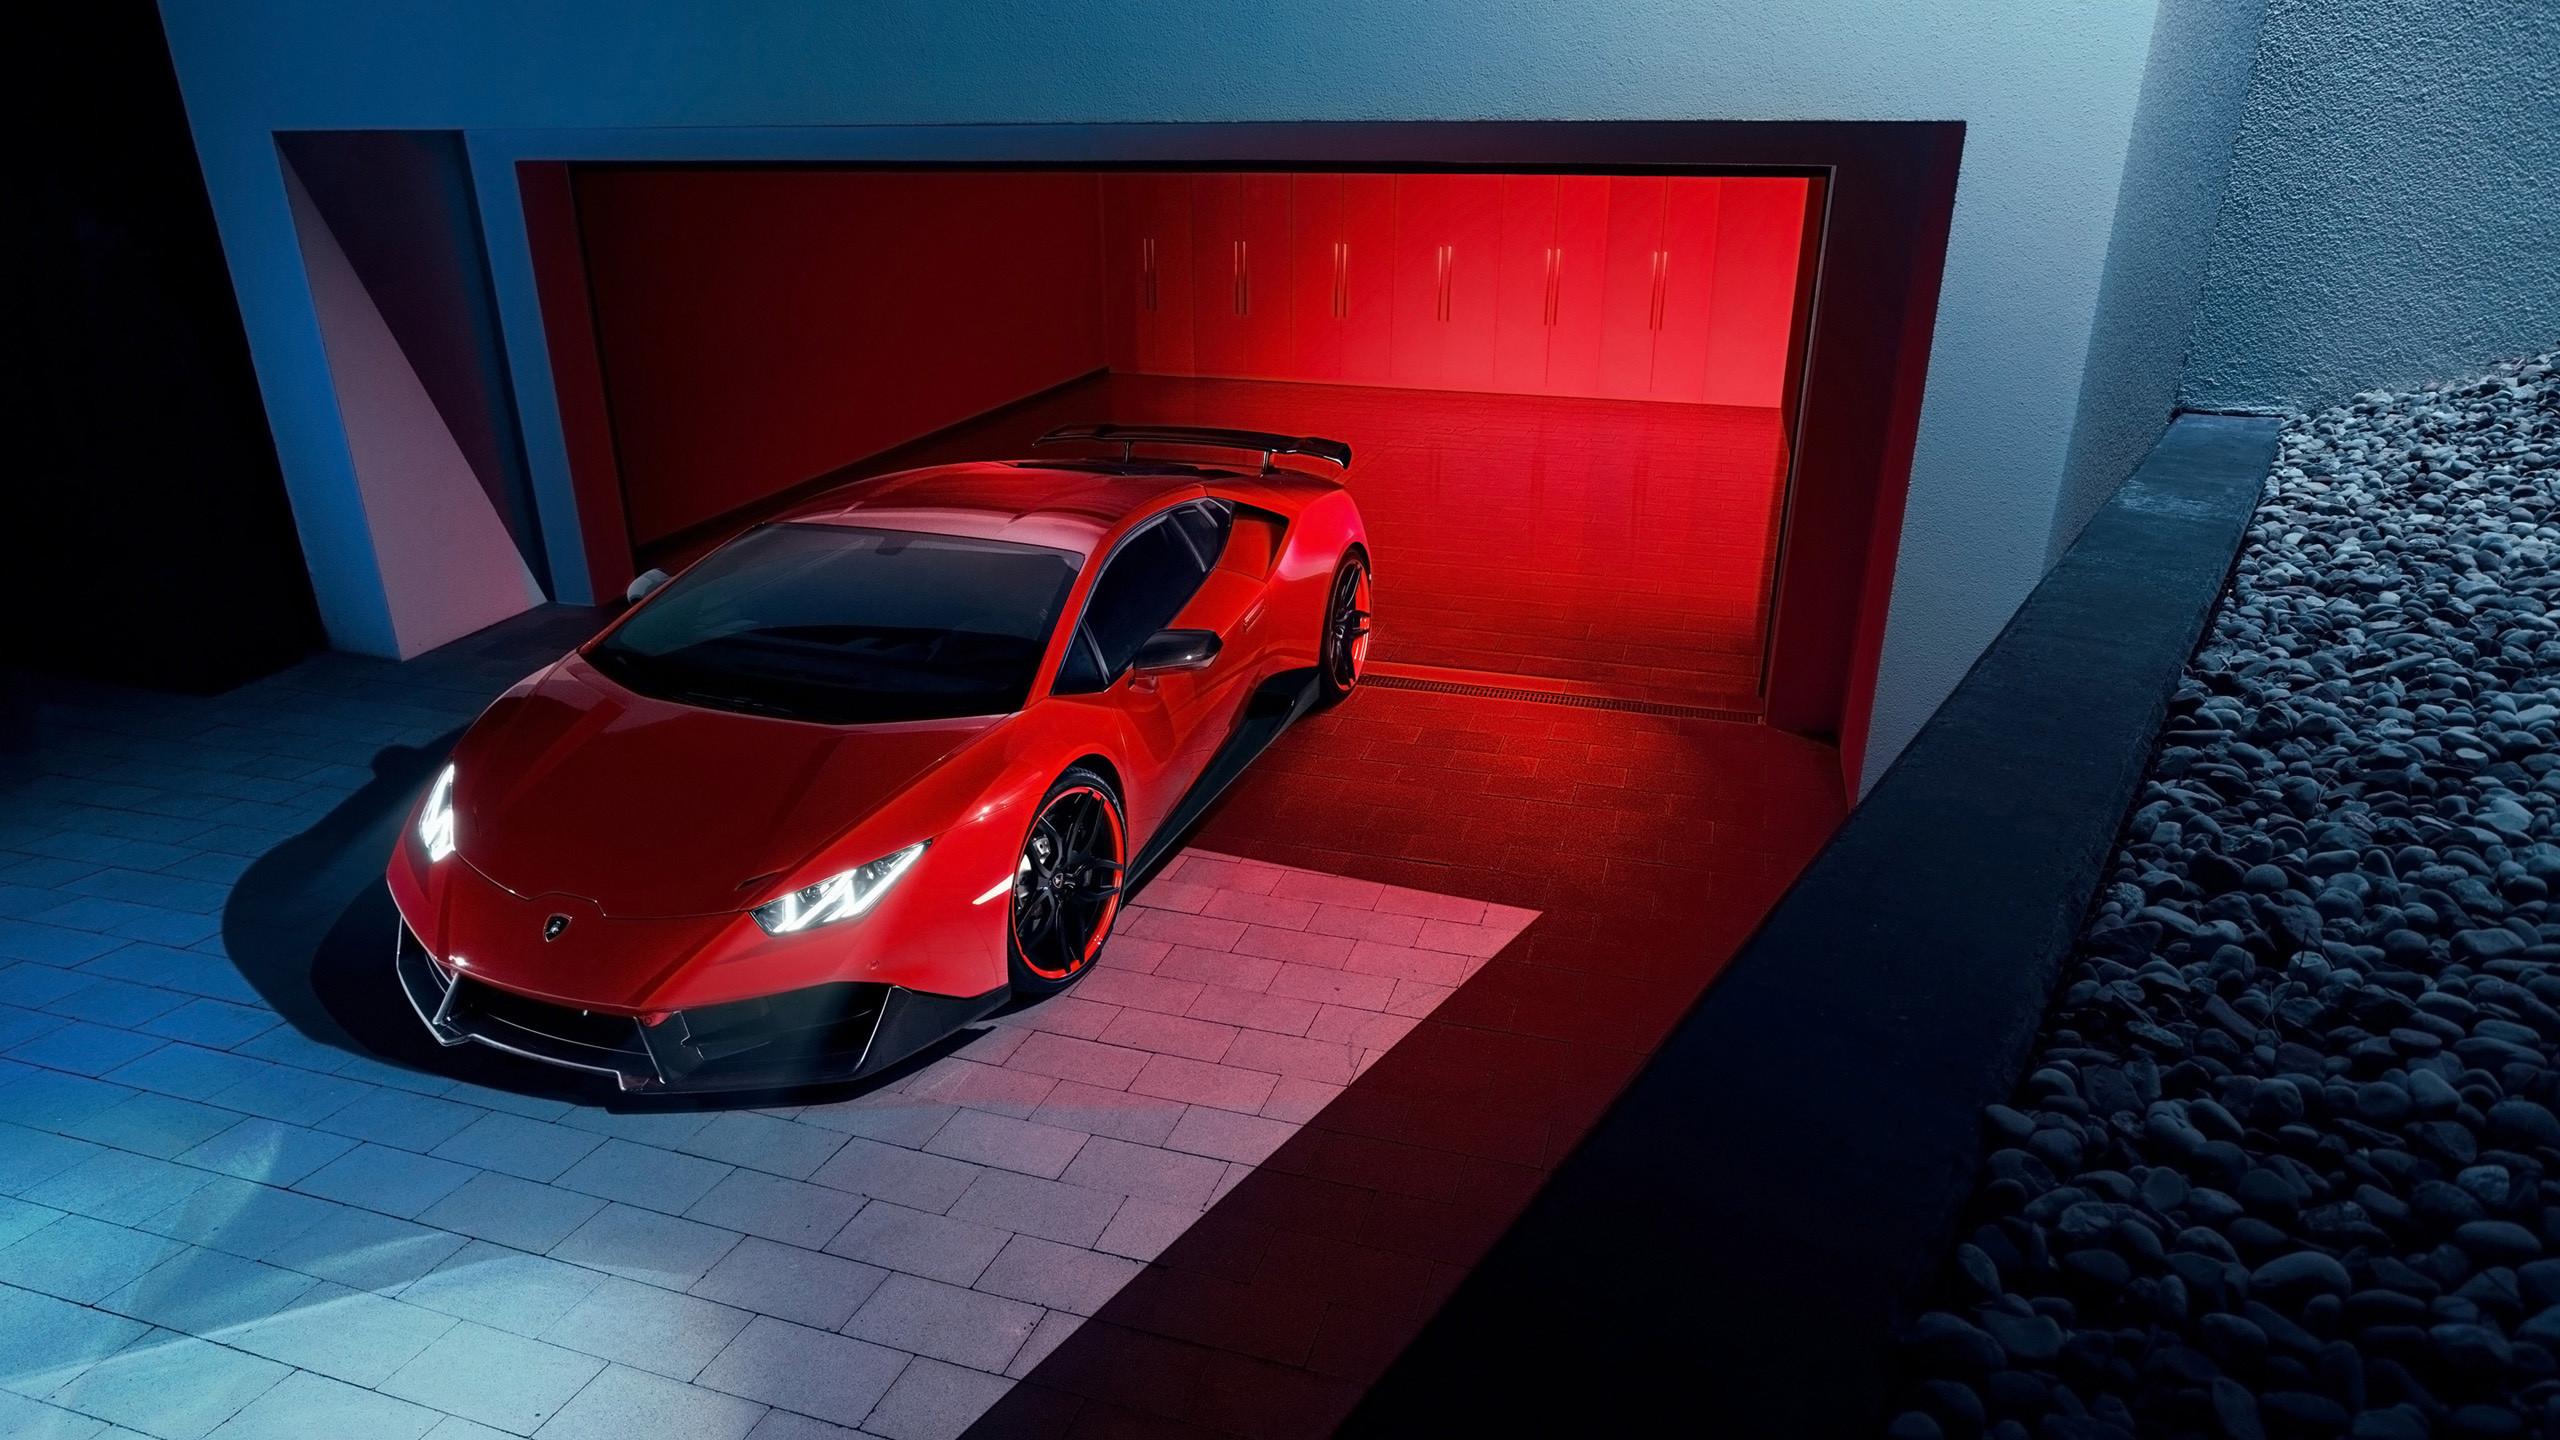 Lamborghini Wallpapers (66+ images)